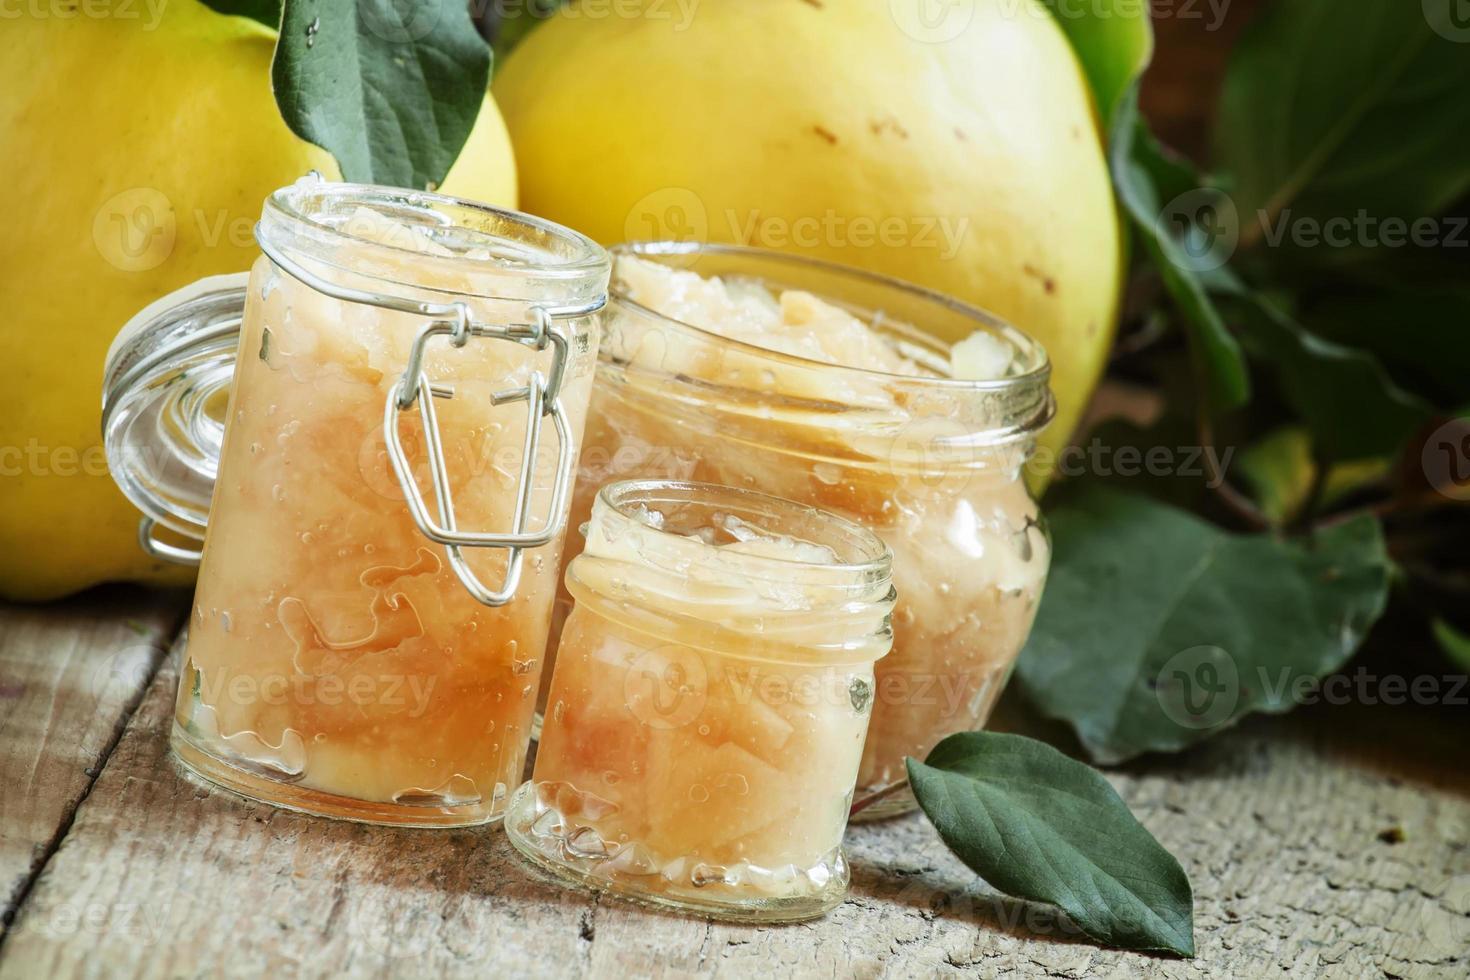 marmellata di mele cotogne rosa in vasetti di vetro e mela cotogna fresca foto